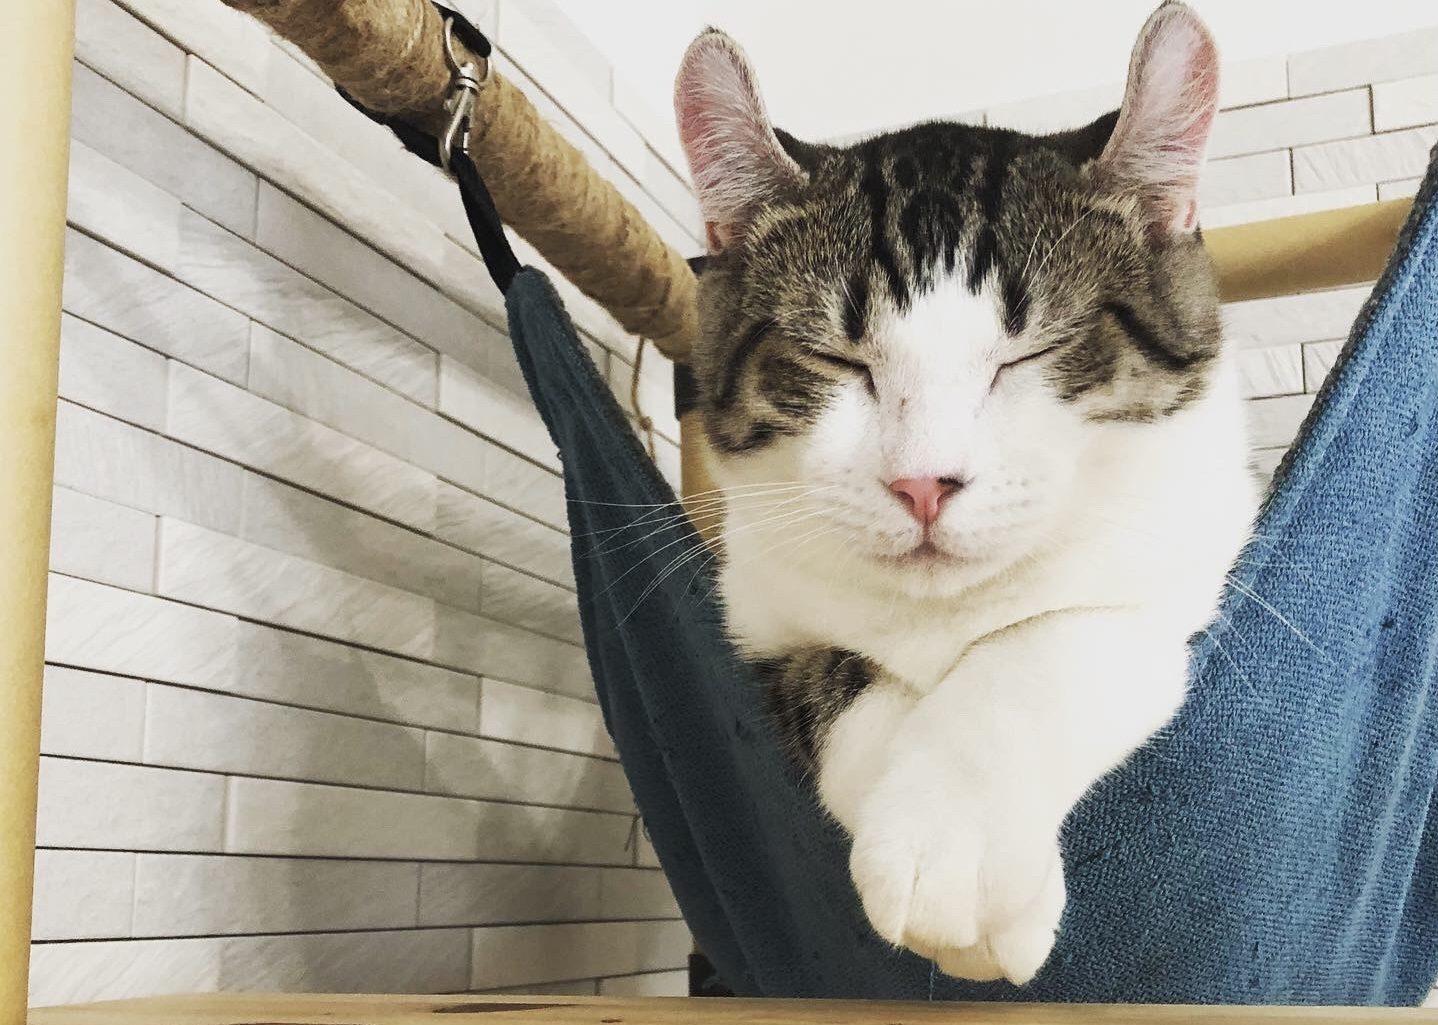 早起きしたいなら猫との生活がおすすめ